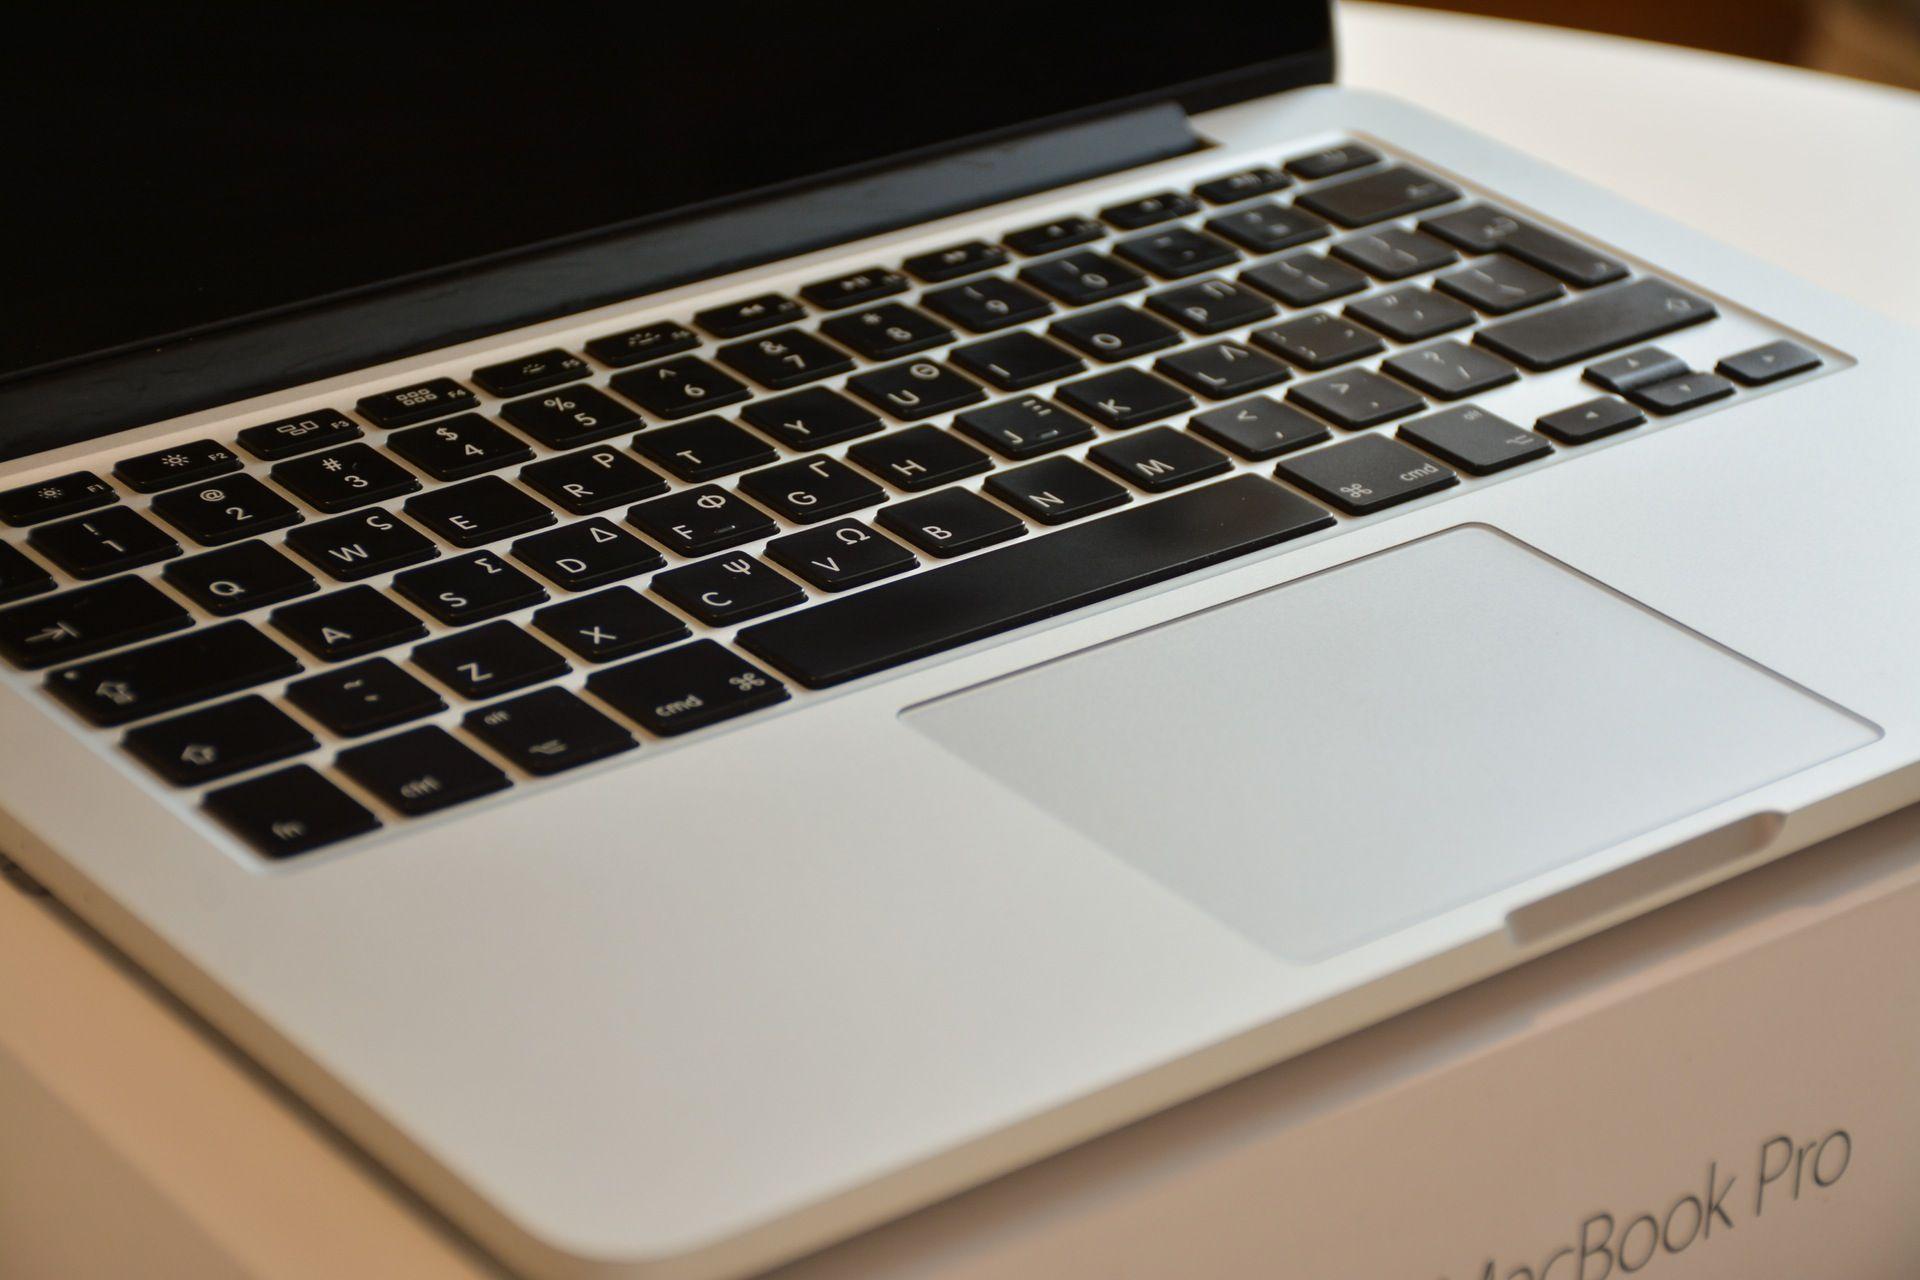 Pozor na inzeráty s podozrivo lacnými Apple produktami  https://www.macblog.sk/2017/pozor-inzeraty-podozrivo-lacnymi-apple-produktami